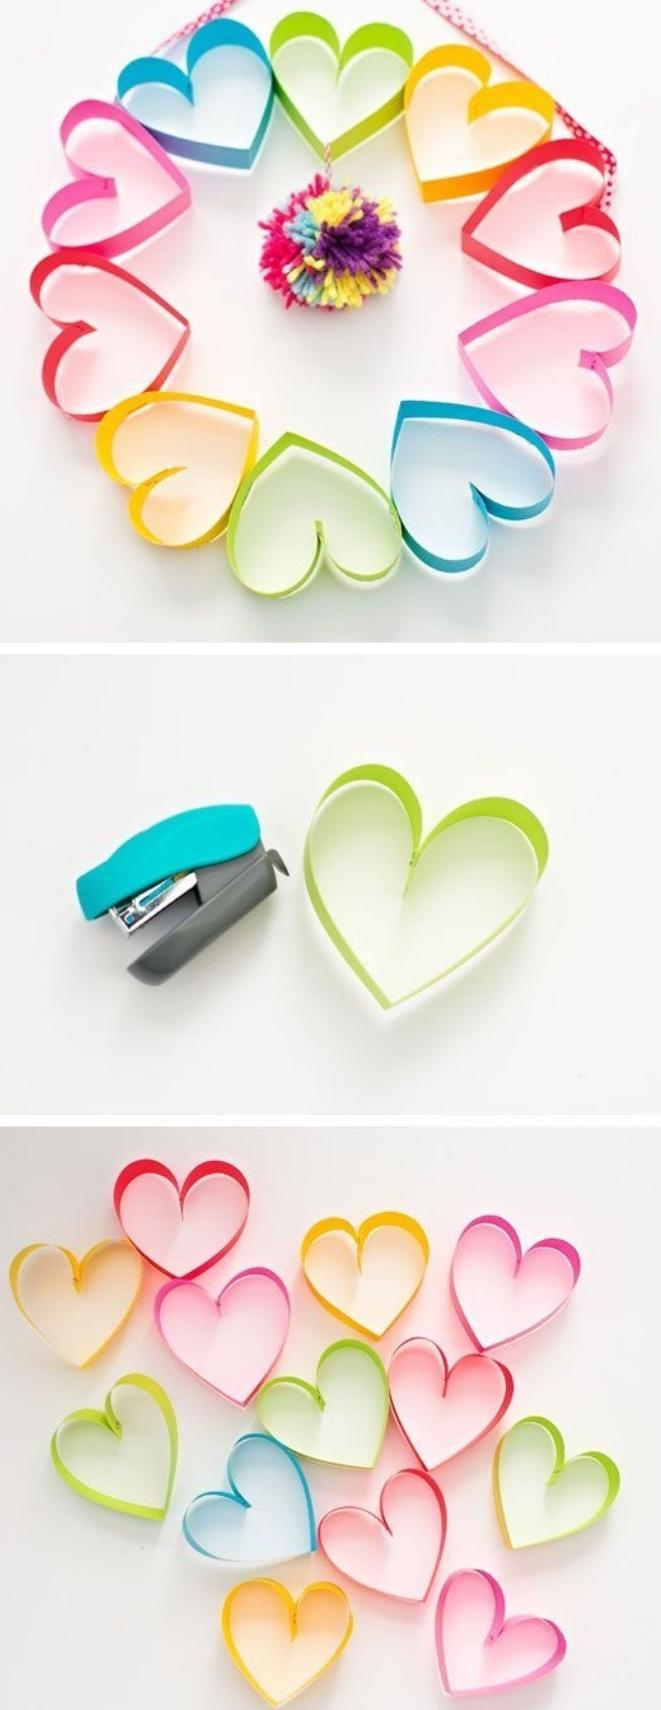 une guirlande de coeurs en papier multicolores avec un pompon multicolore, activité manuelle maternelle primaire,